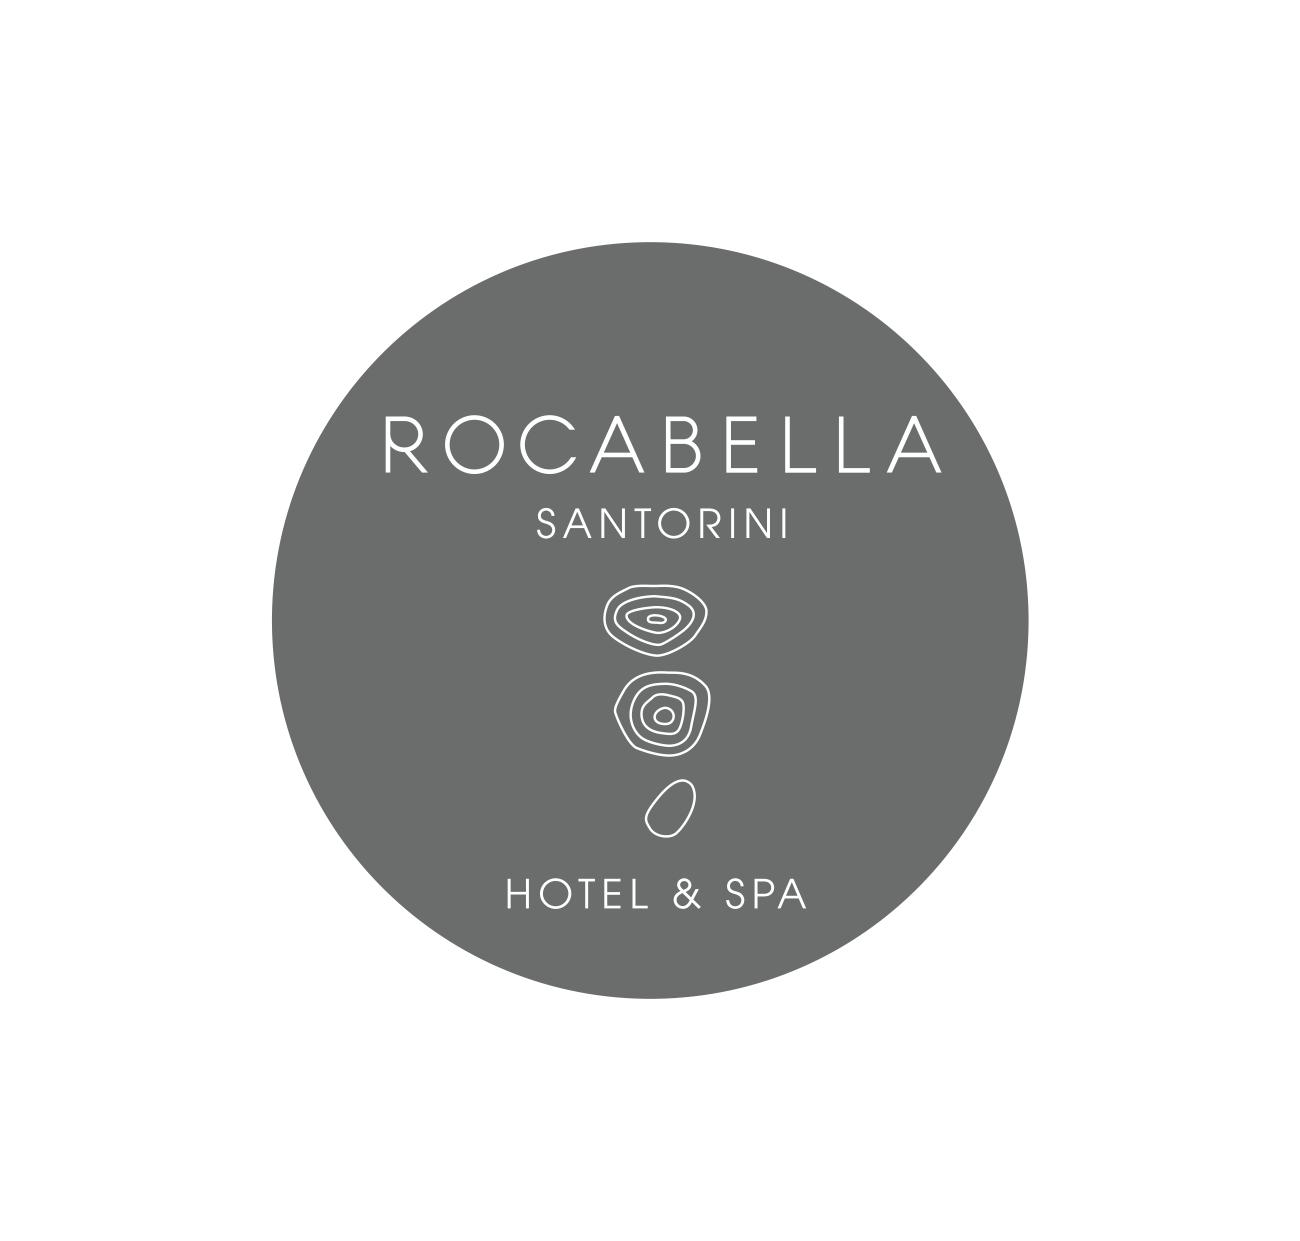 ROCABELLA_SANTORINI_LOGO (1)_page-0001